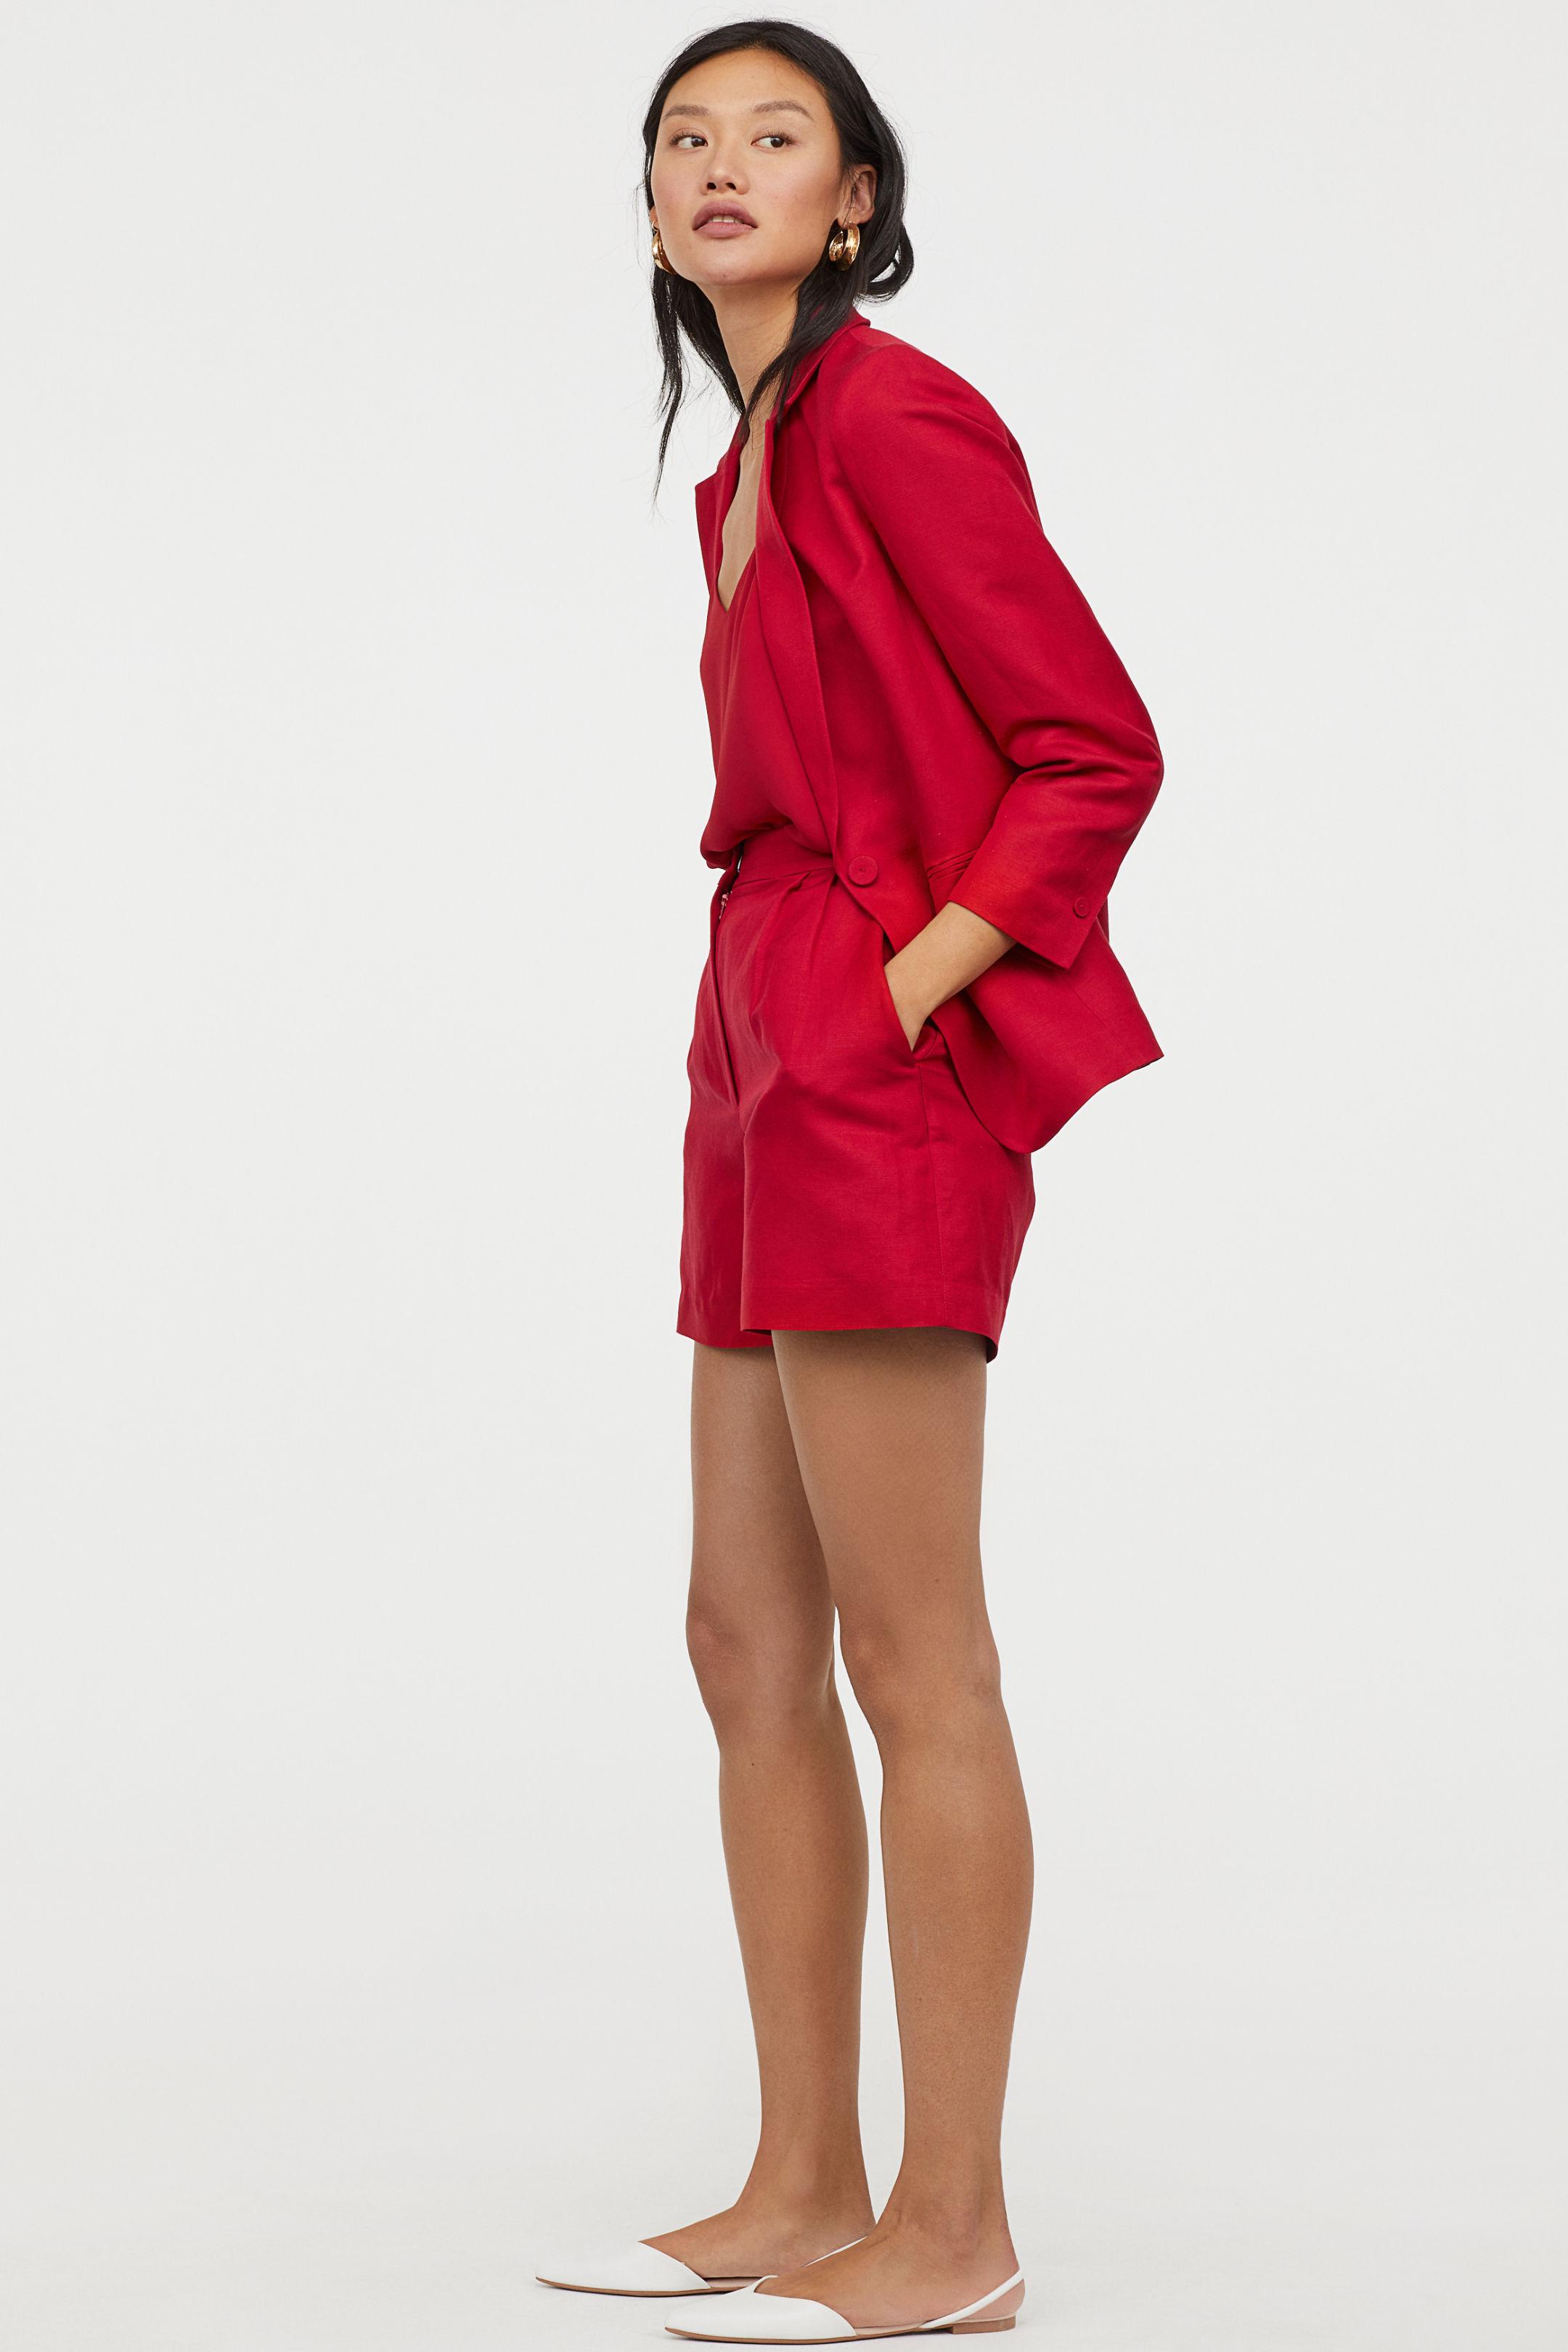 H&M linen shorts suit